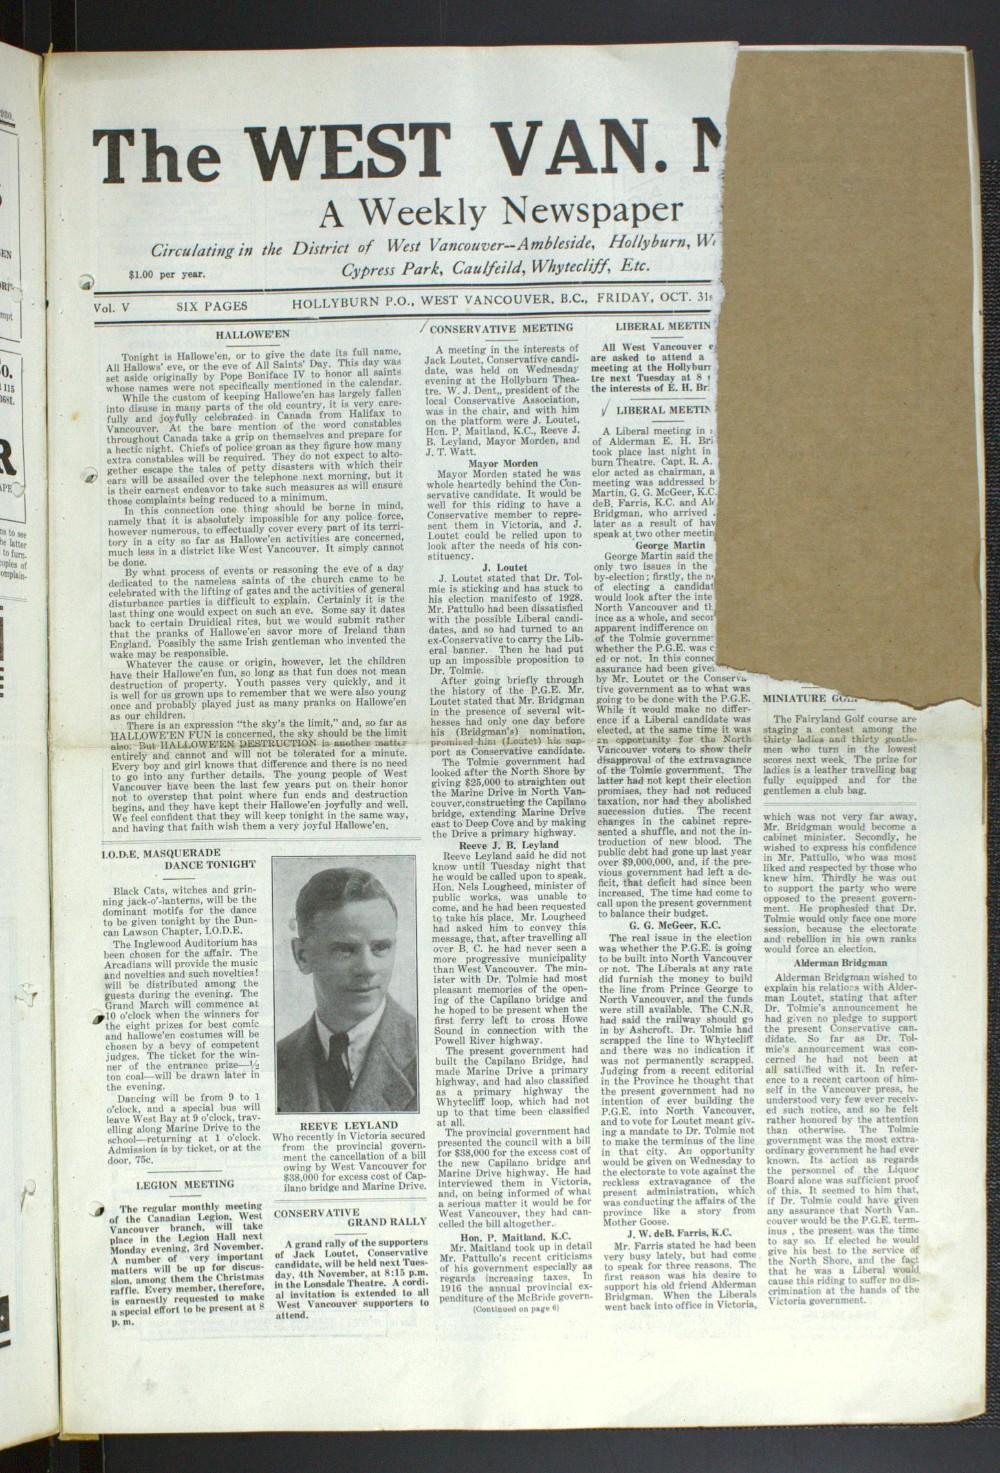 West Van. News (West Vancouver), 31 Oct 1930